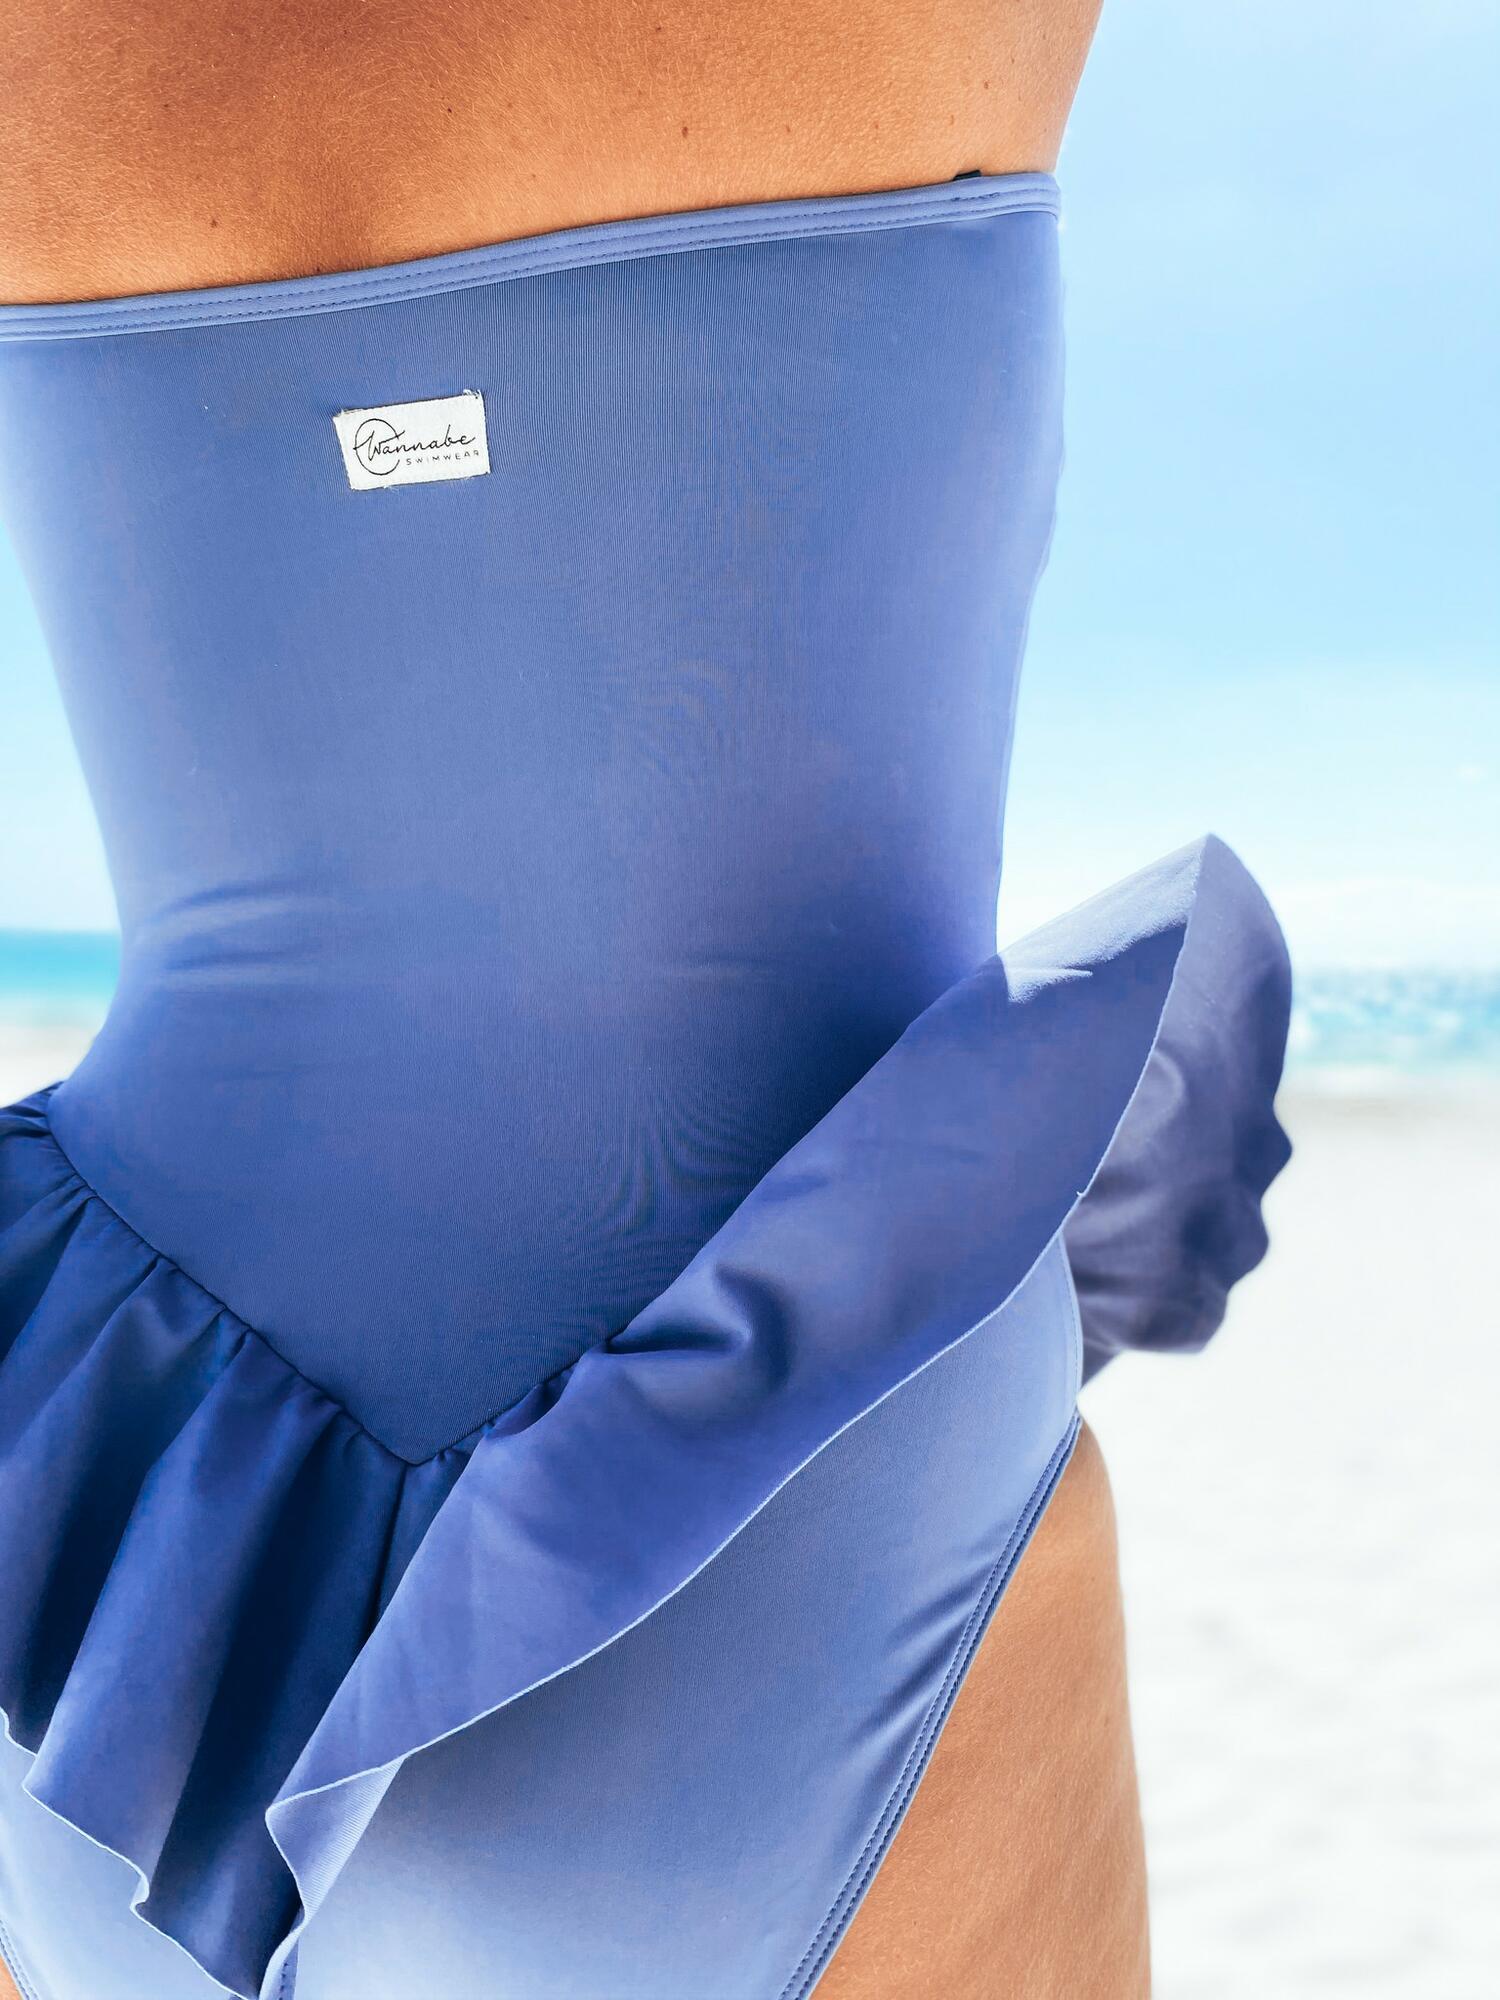 JULIETTA Lavender blue - Wannabe Swimwear | JestemSlow.pl